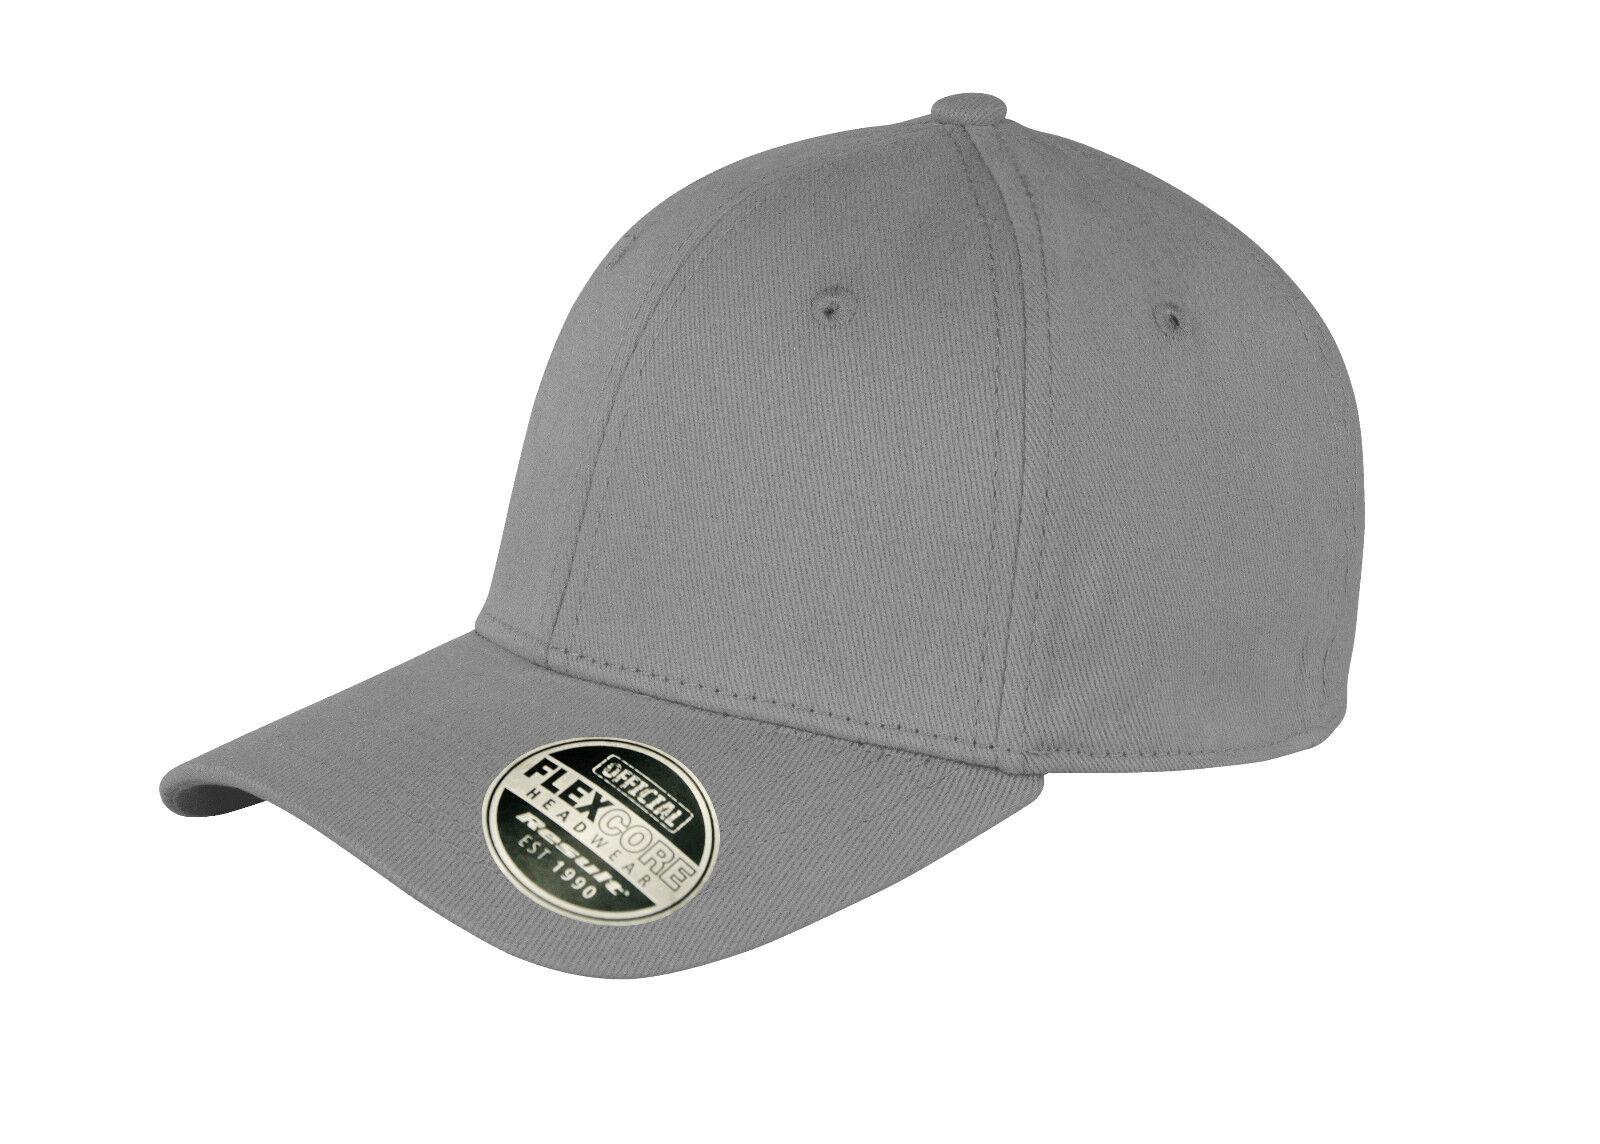 39d52056239a1 Details about New Unisex Plain Grey Flexible Fit Flex Core Cotton Fitted Baseball  Cap